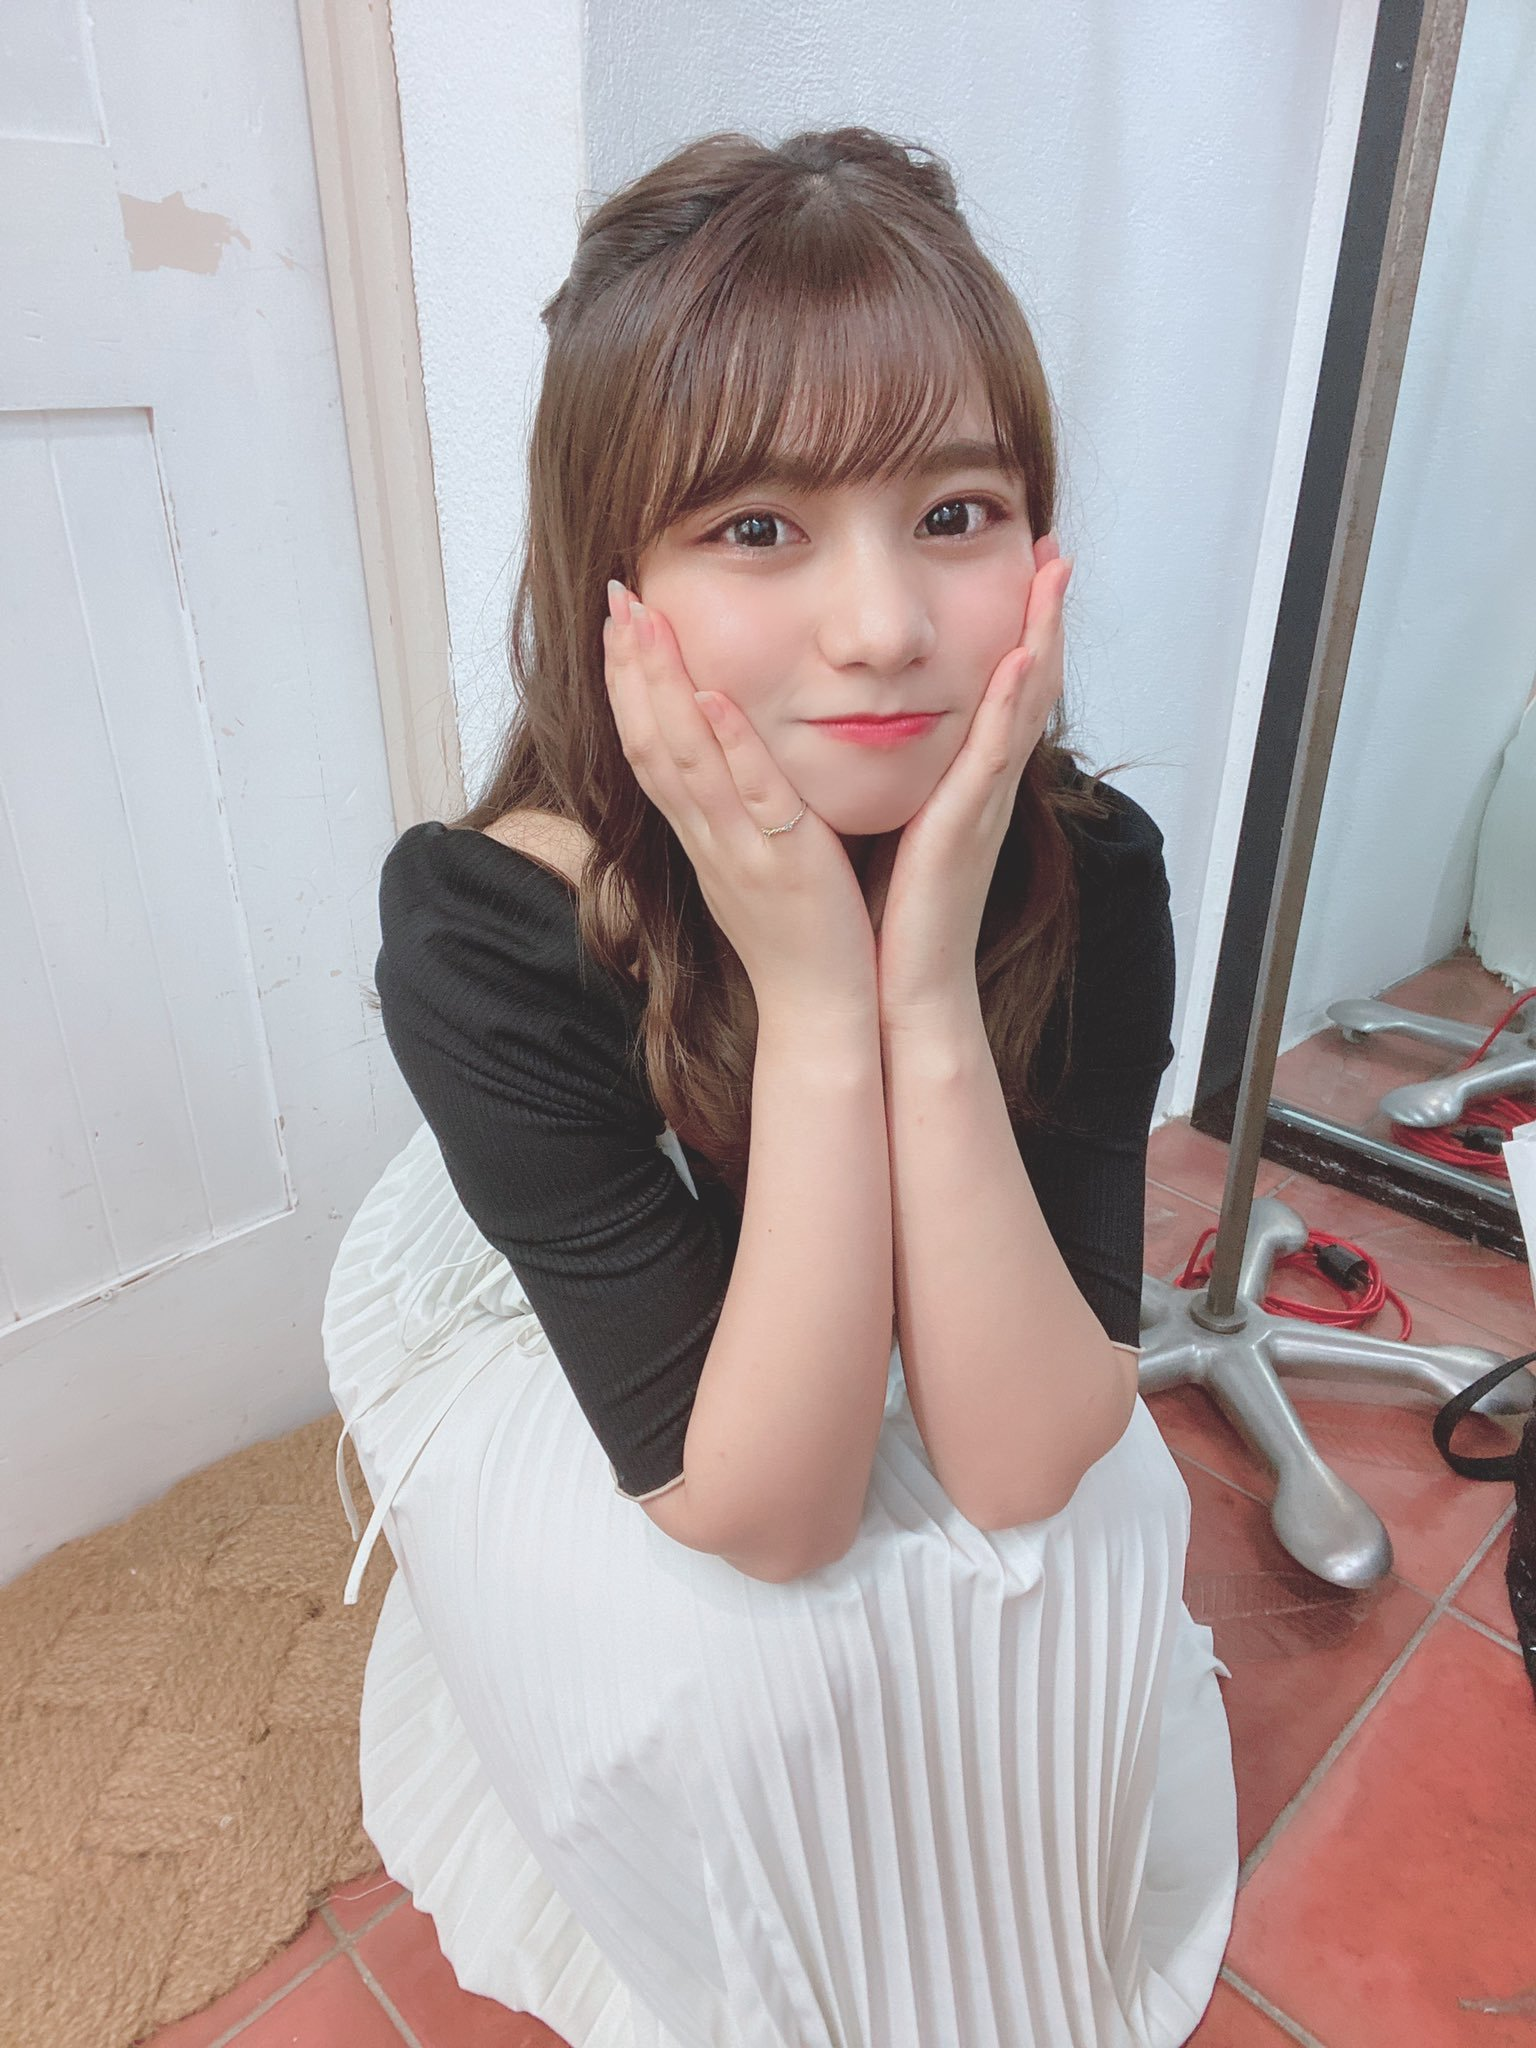 pon_chan216 1272820933565091841_p1